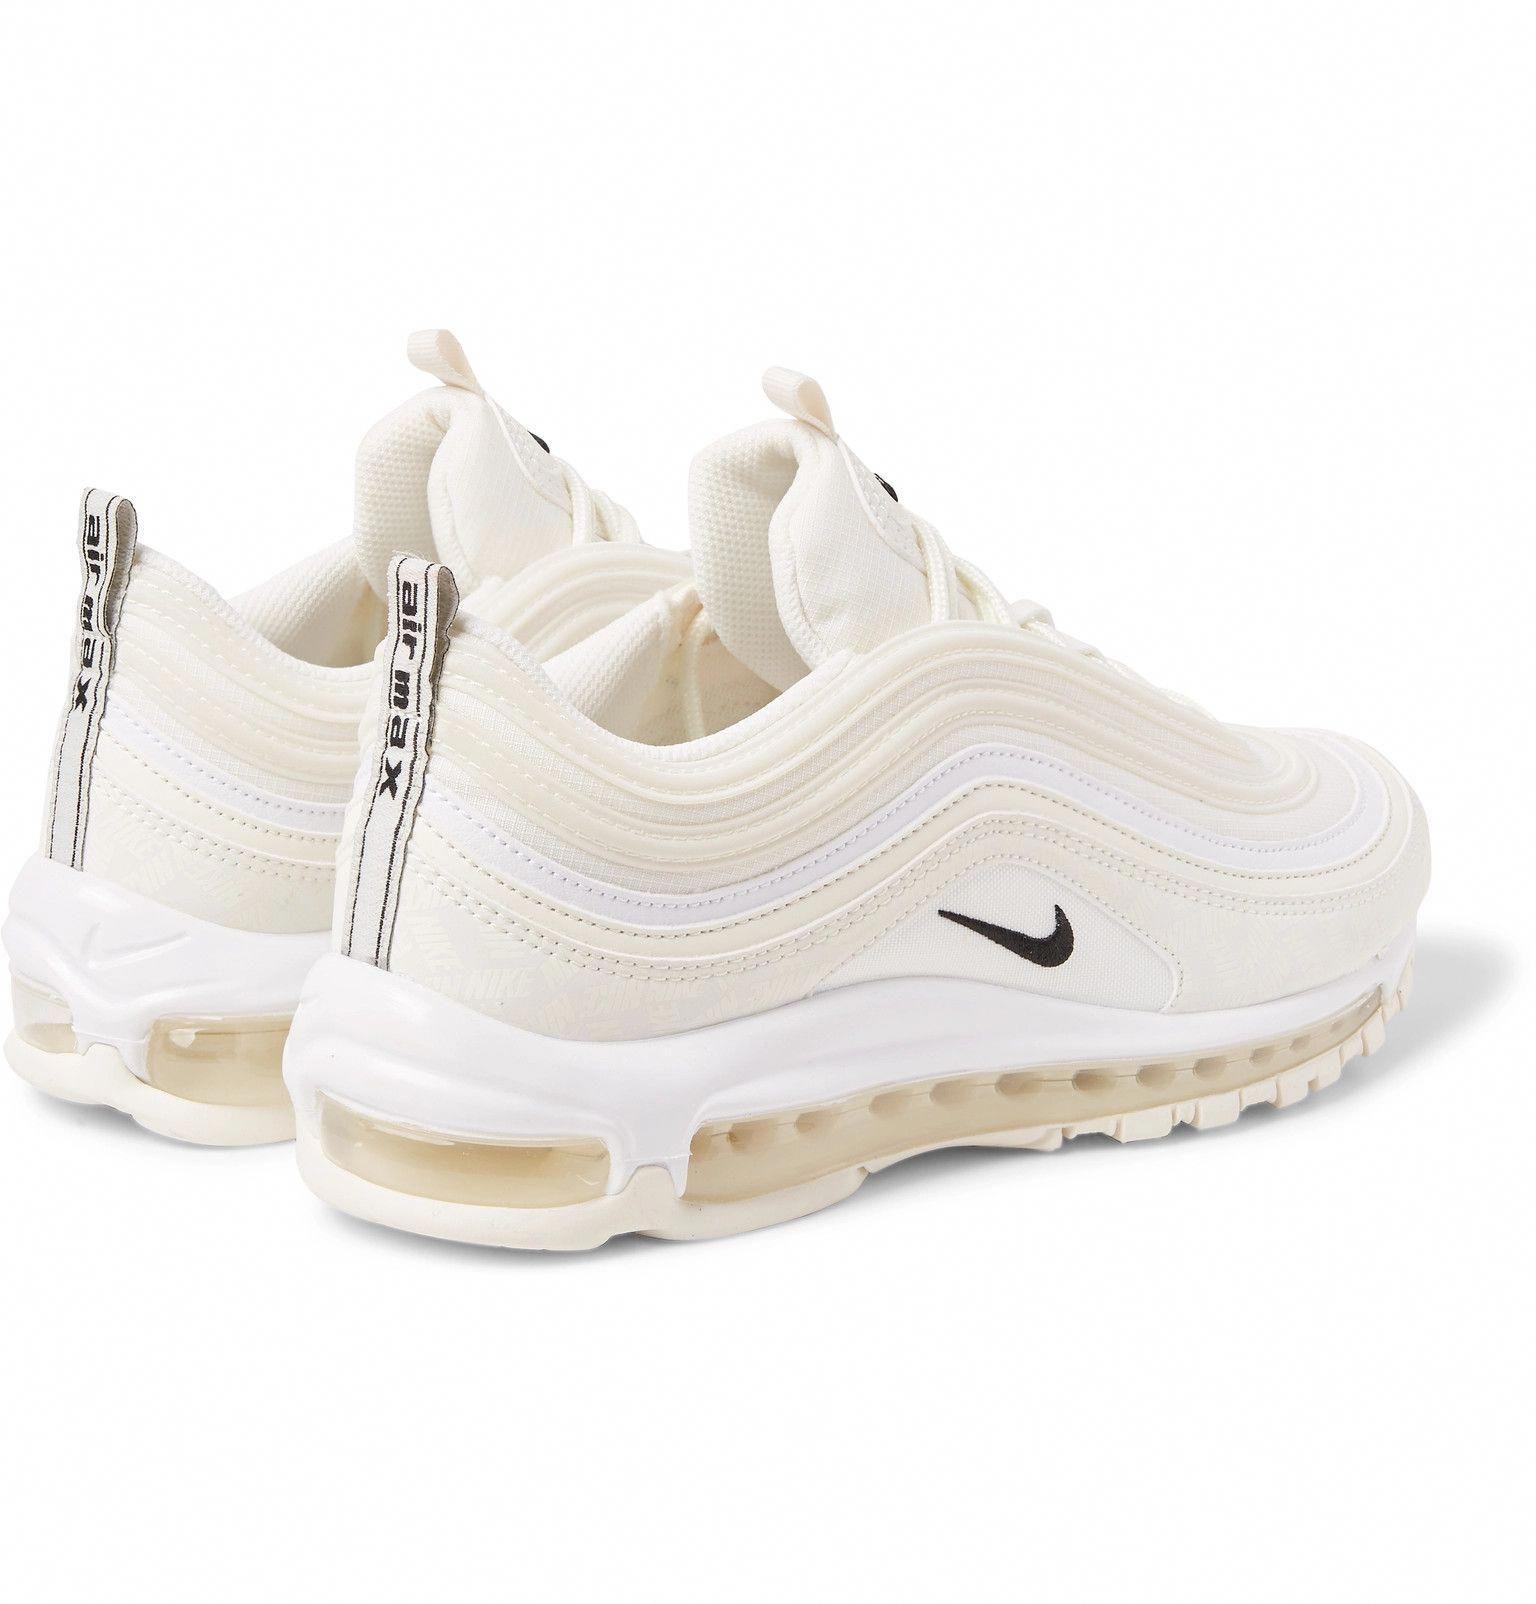 Nike Wmns Air Max 97 Lea